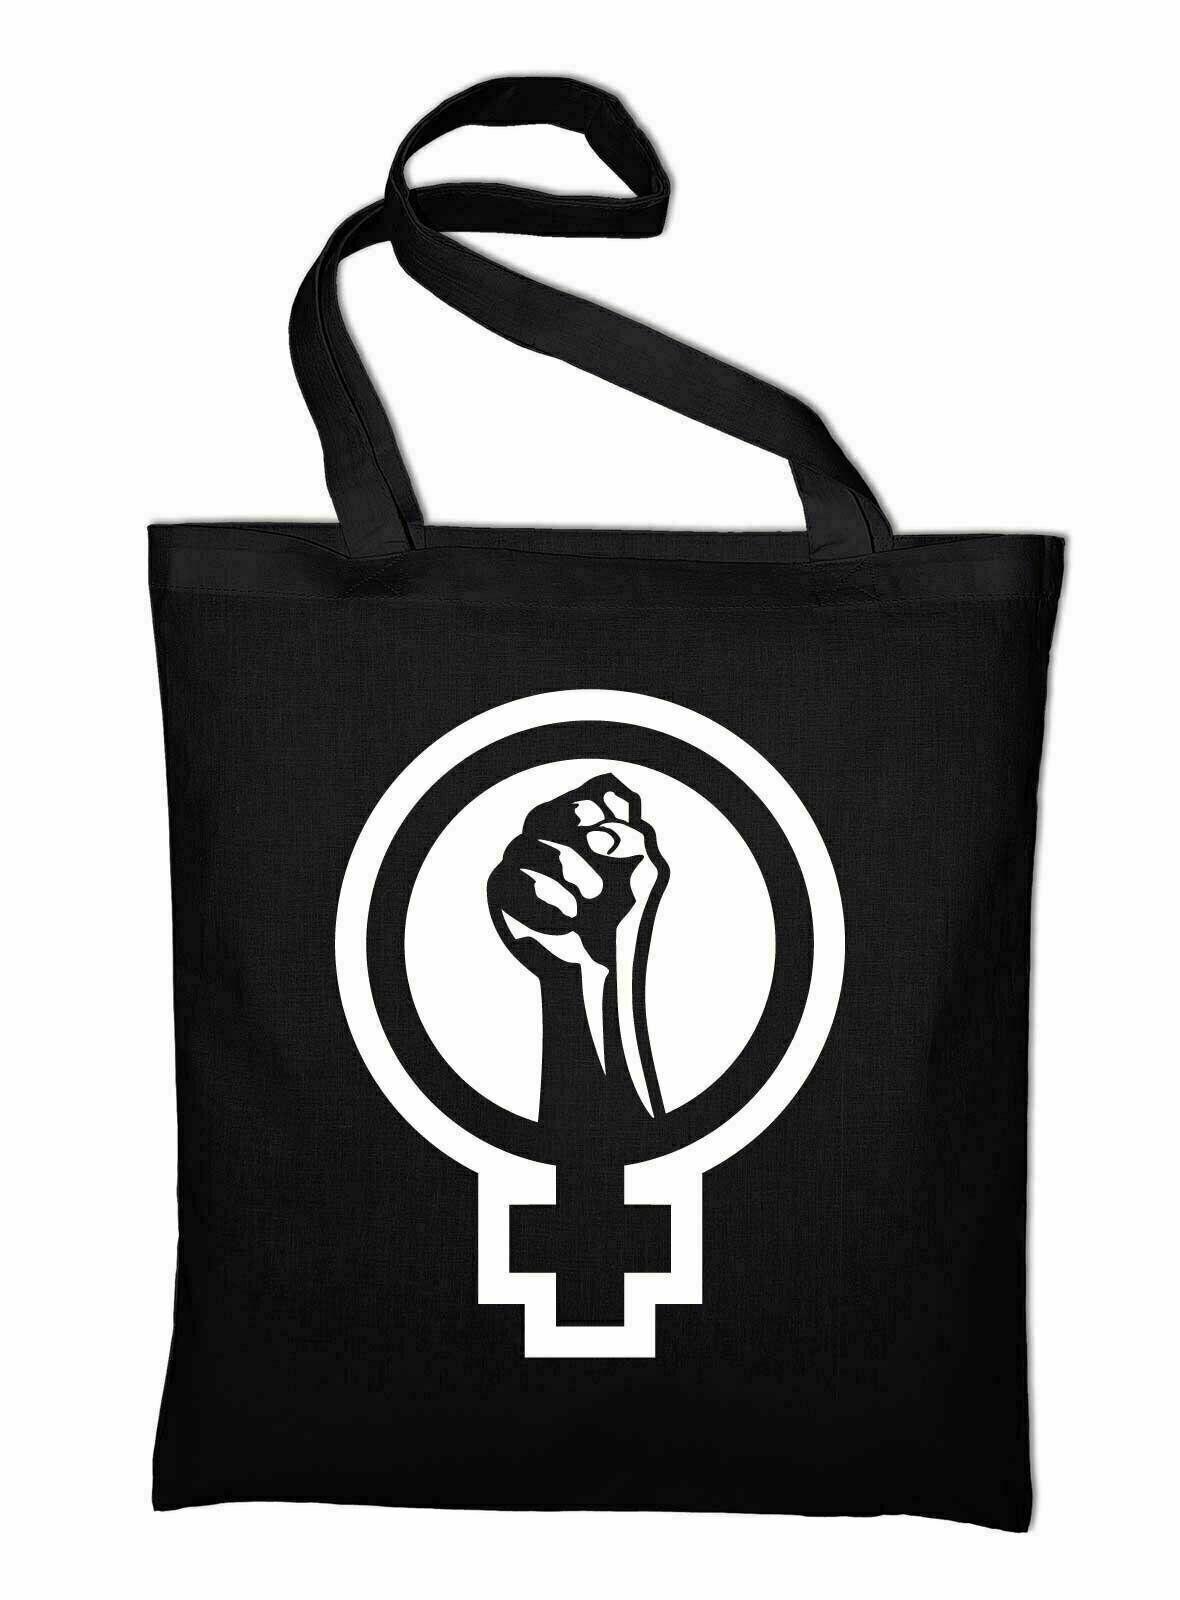 #2 Feminismus Logo Jutebeutel Beutel Stoffbeutel Baumwolltasche Feminist Zeichen